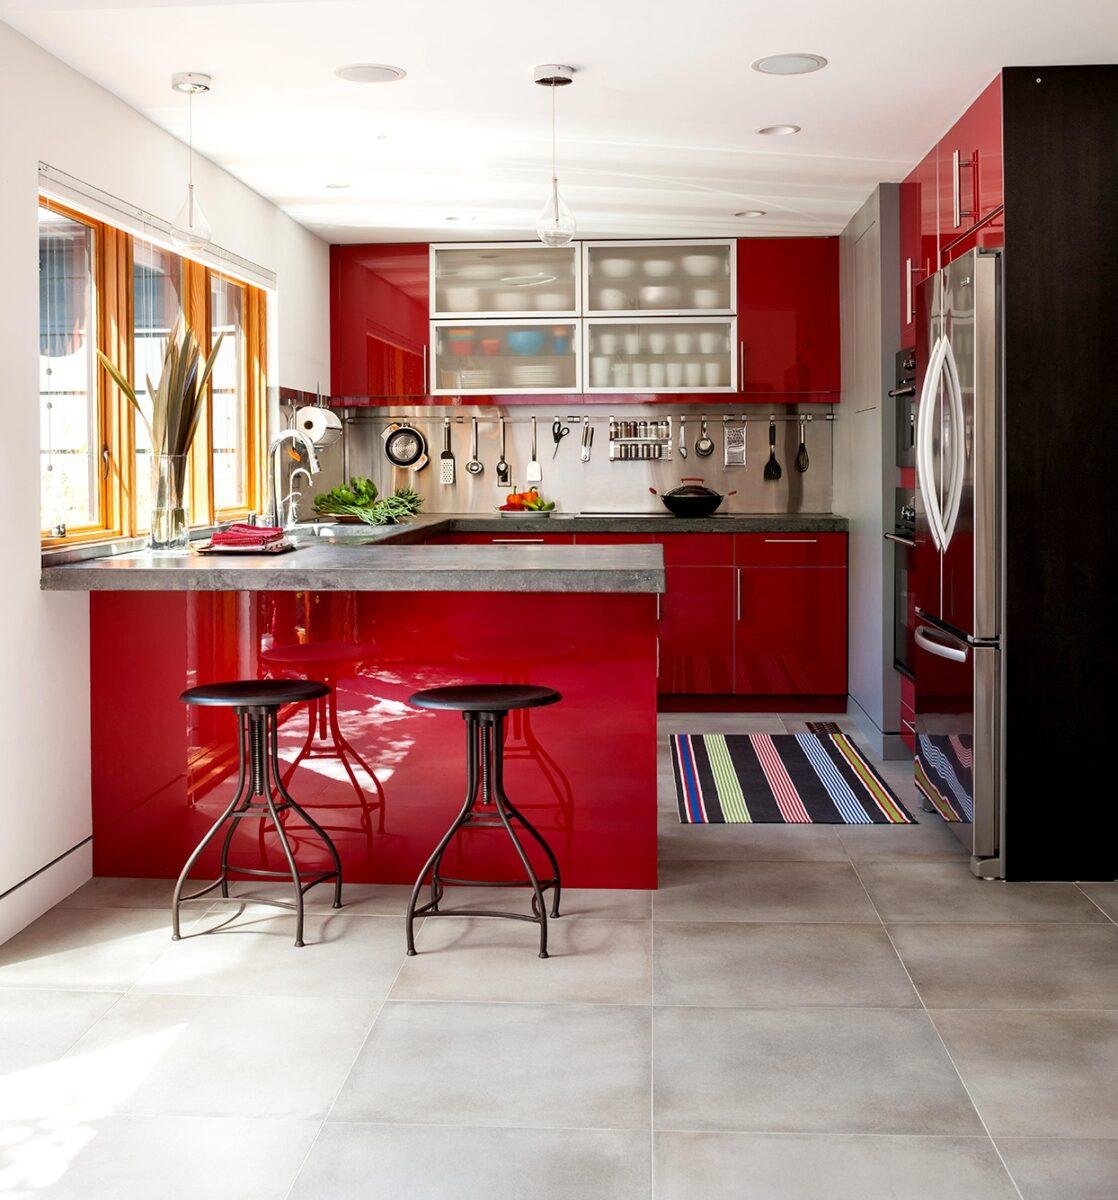 5-colori-cucina-che-non-avevi-pensato-2